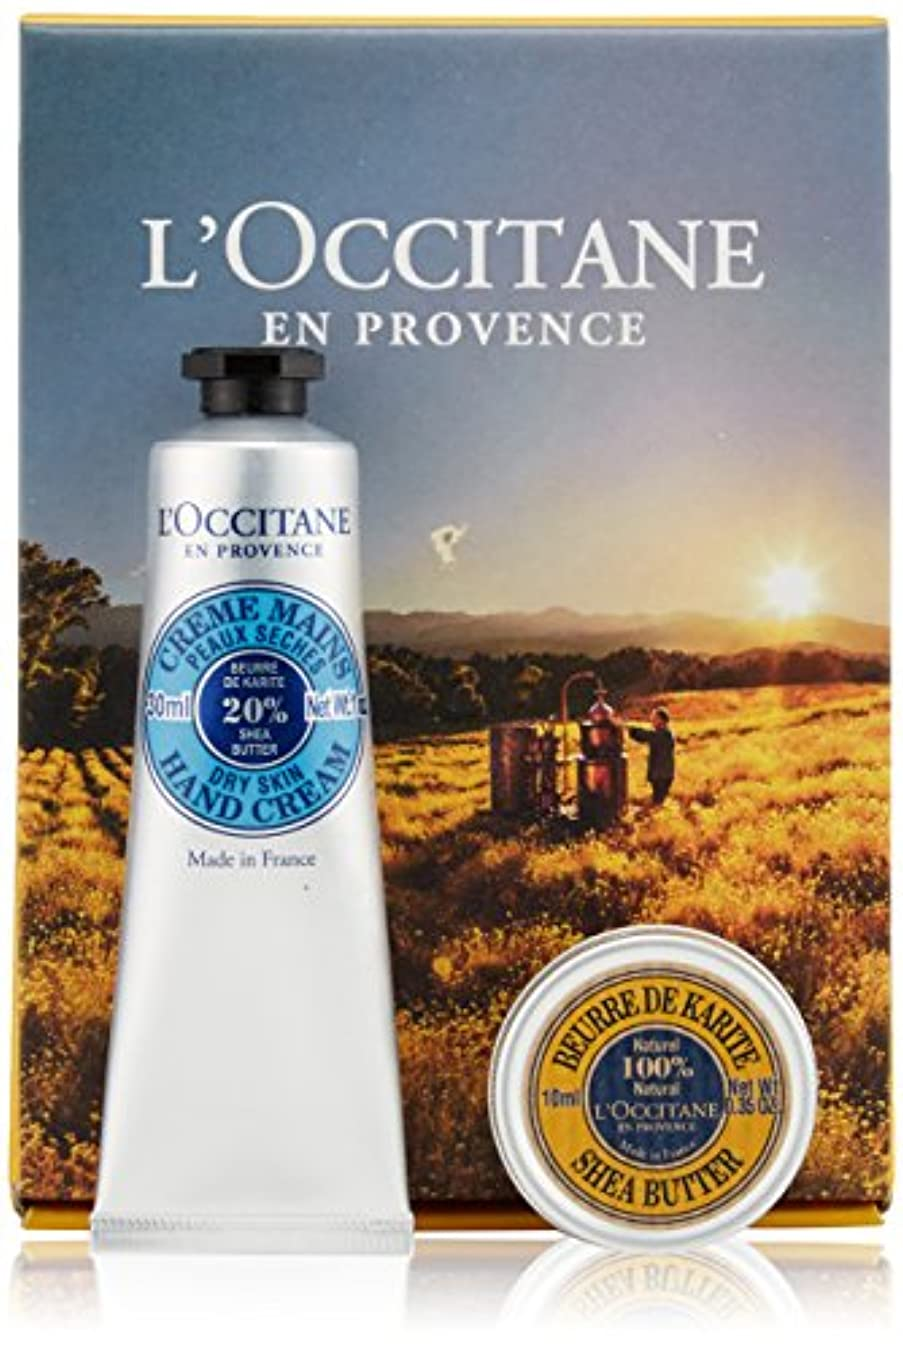 しないリズム出身地ロクシタン(L'OCCITANE) シア ハンドクリーム30ml&シアバター10ml